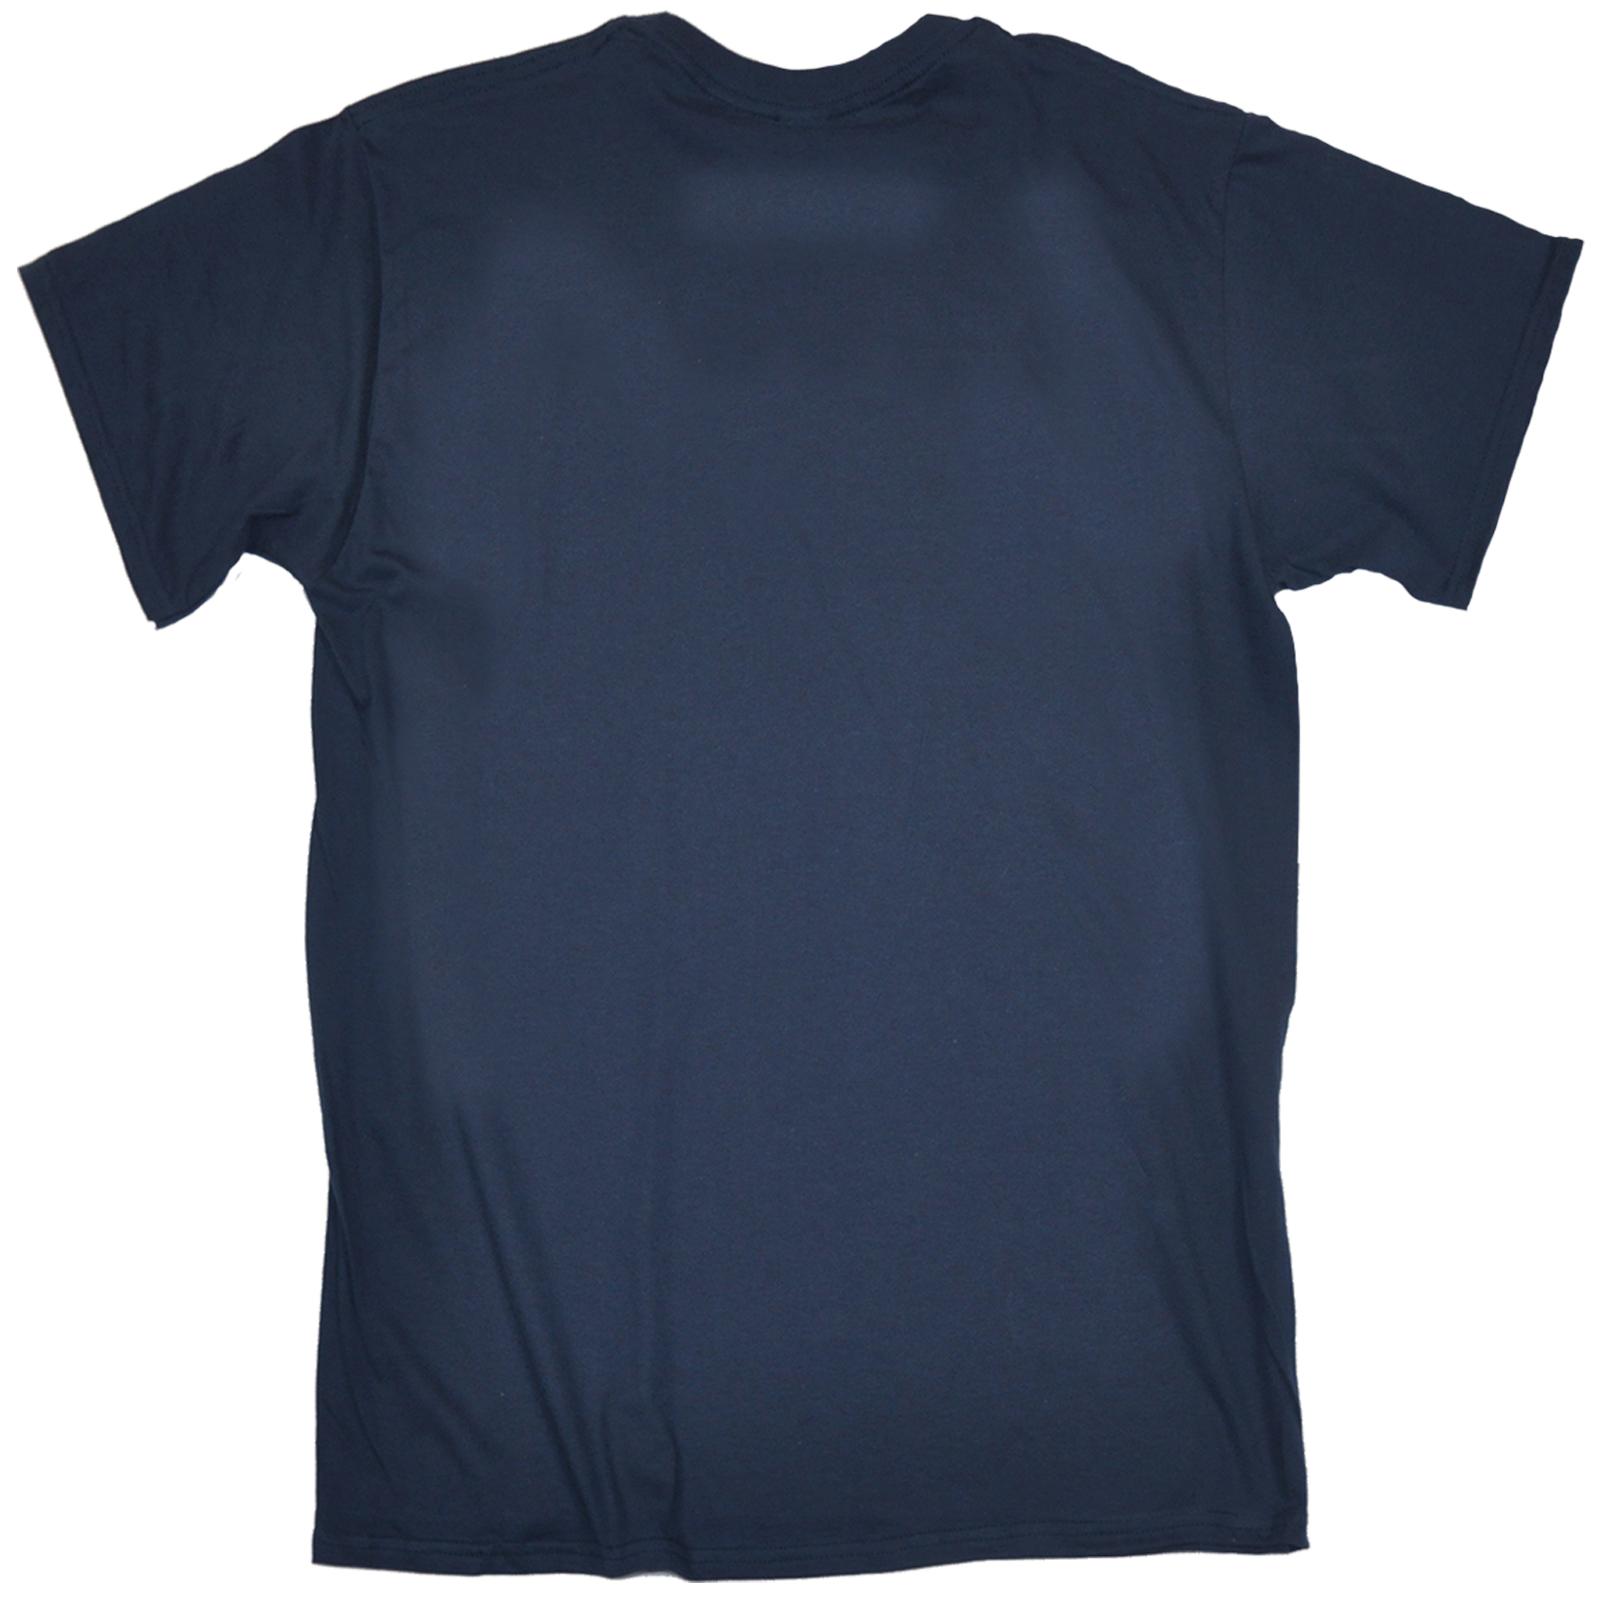 Funny-Novelty-T-Shirt-Mens-tee-TShirt-I-Dont-Give-A thumbnail 11